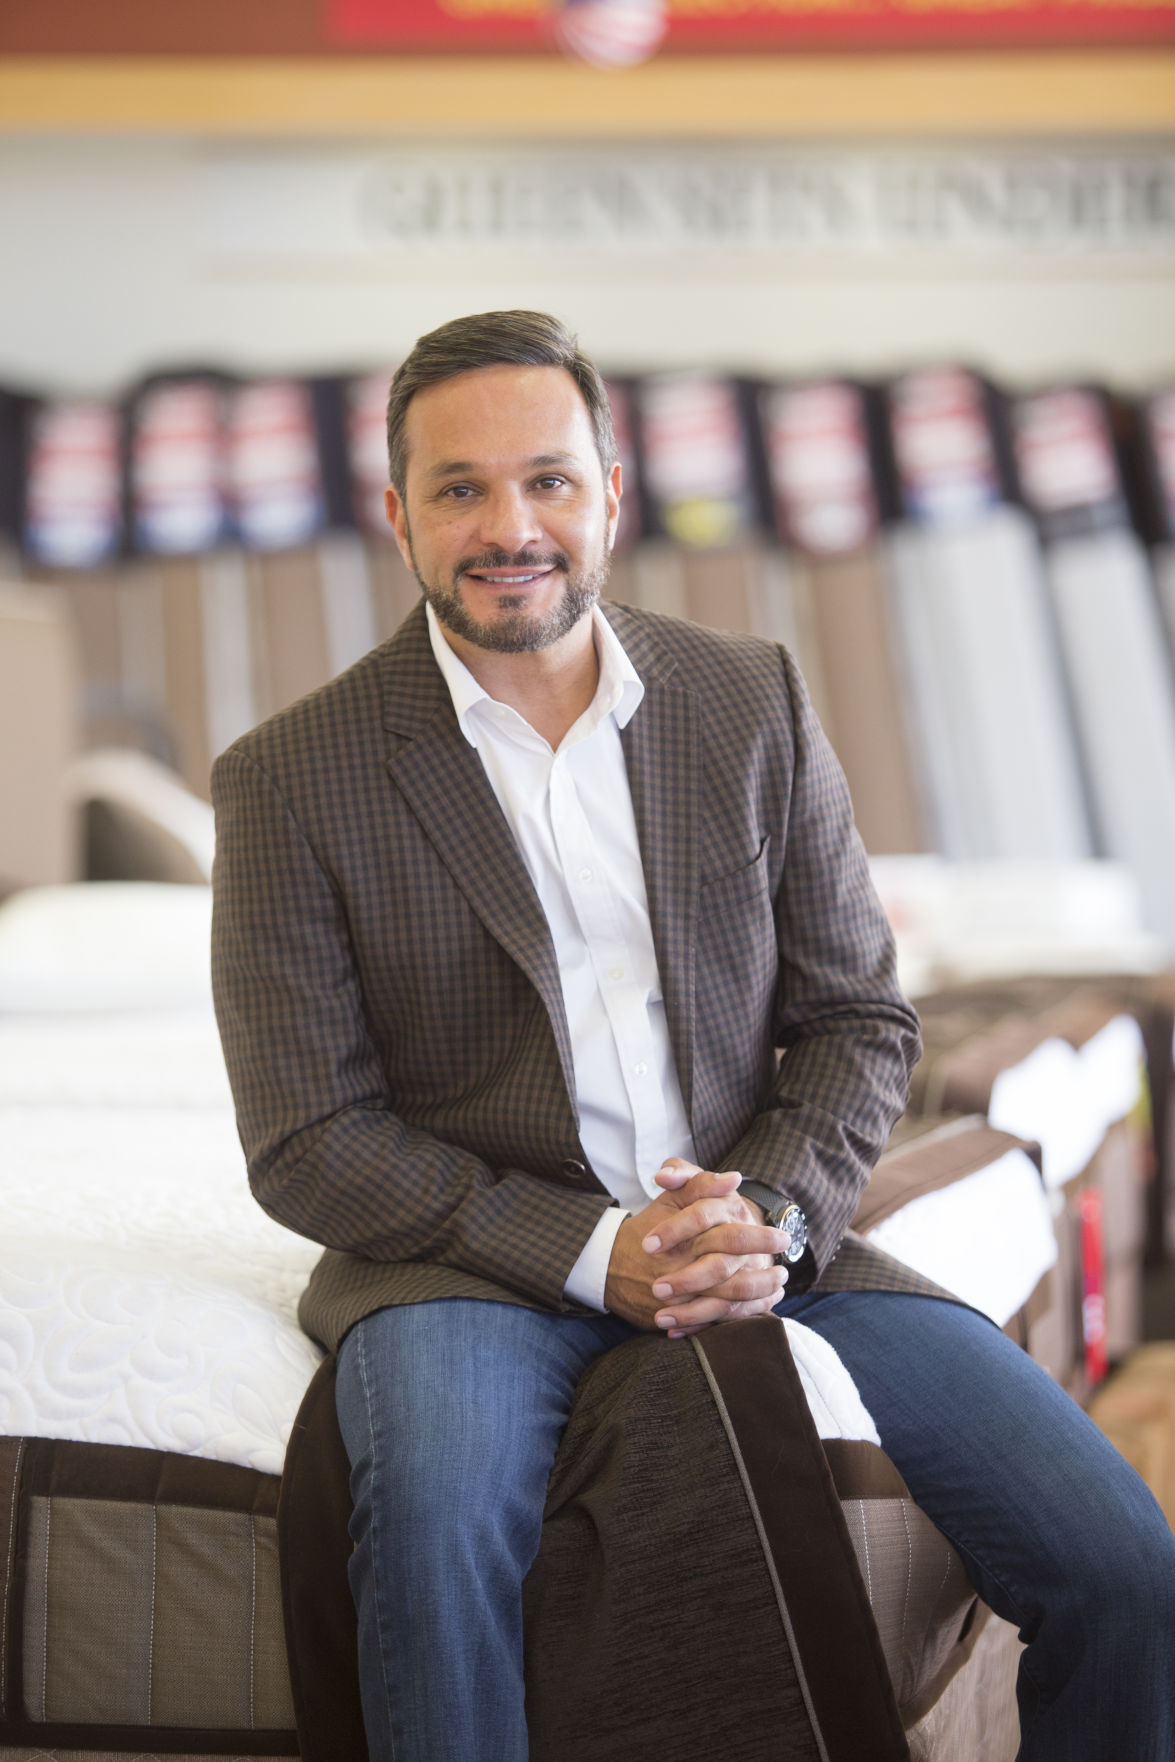 Dan Longoria Vp Mattress Firm El Pasonew Mexico Qa Elpasoinccom